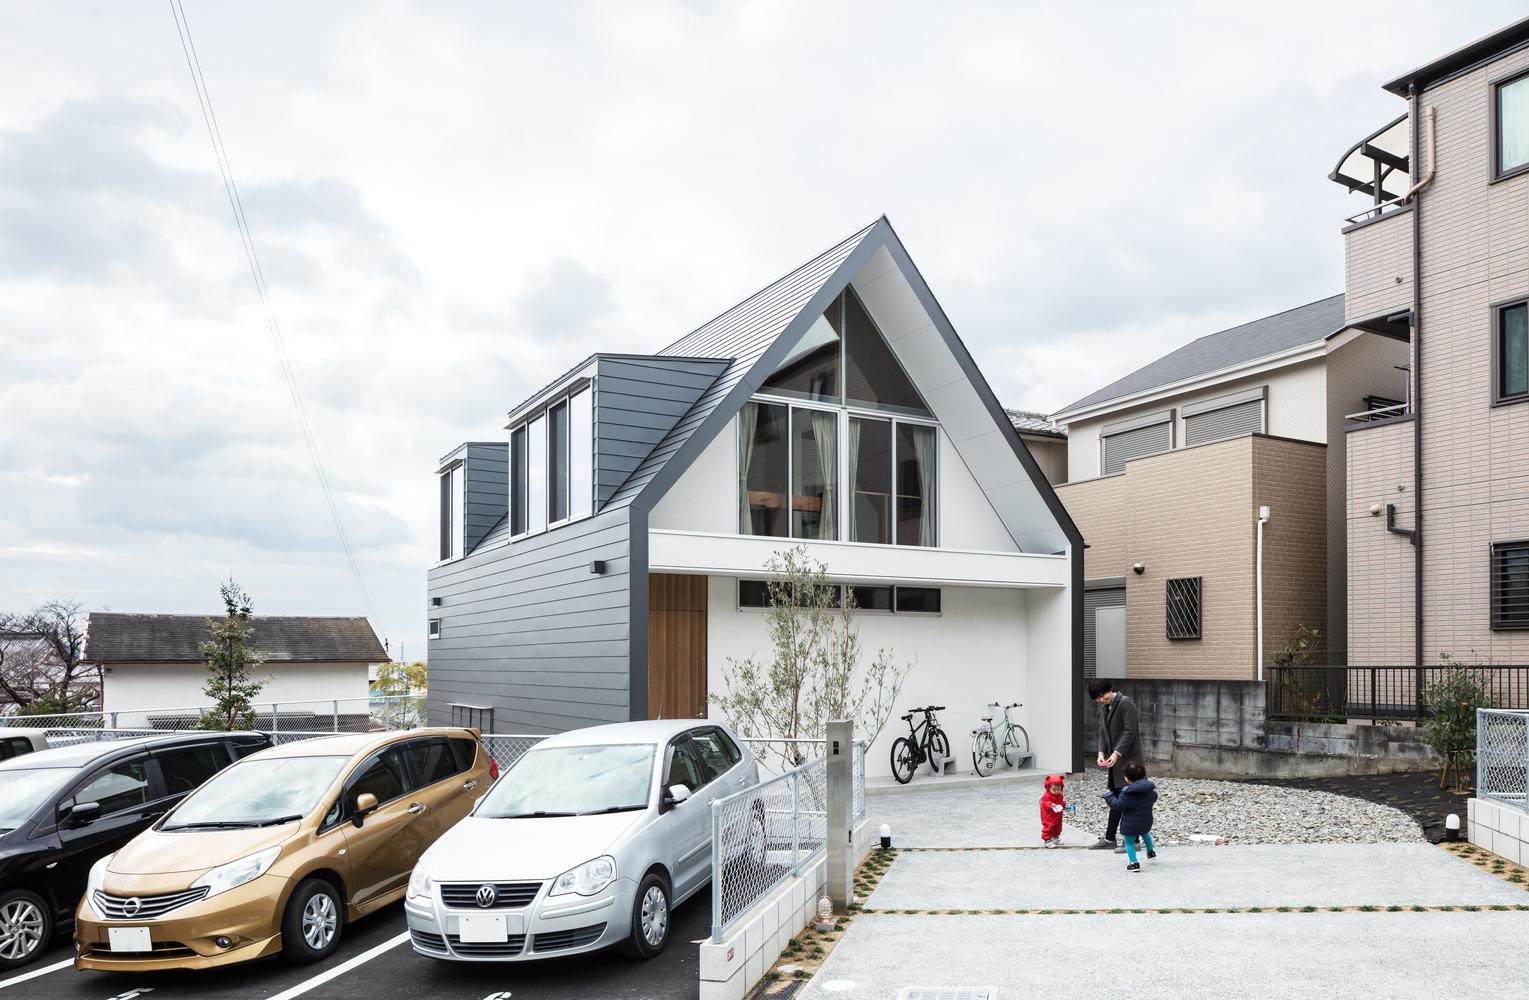 Dom do 120m2, projekt domu jednorodzinnego